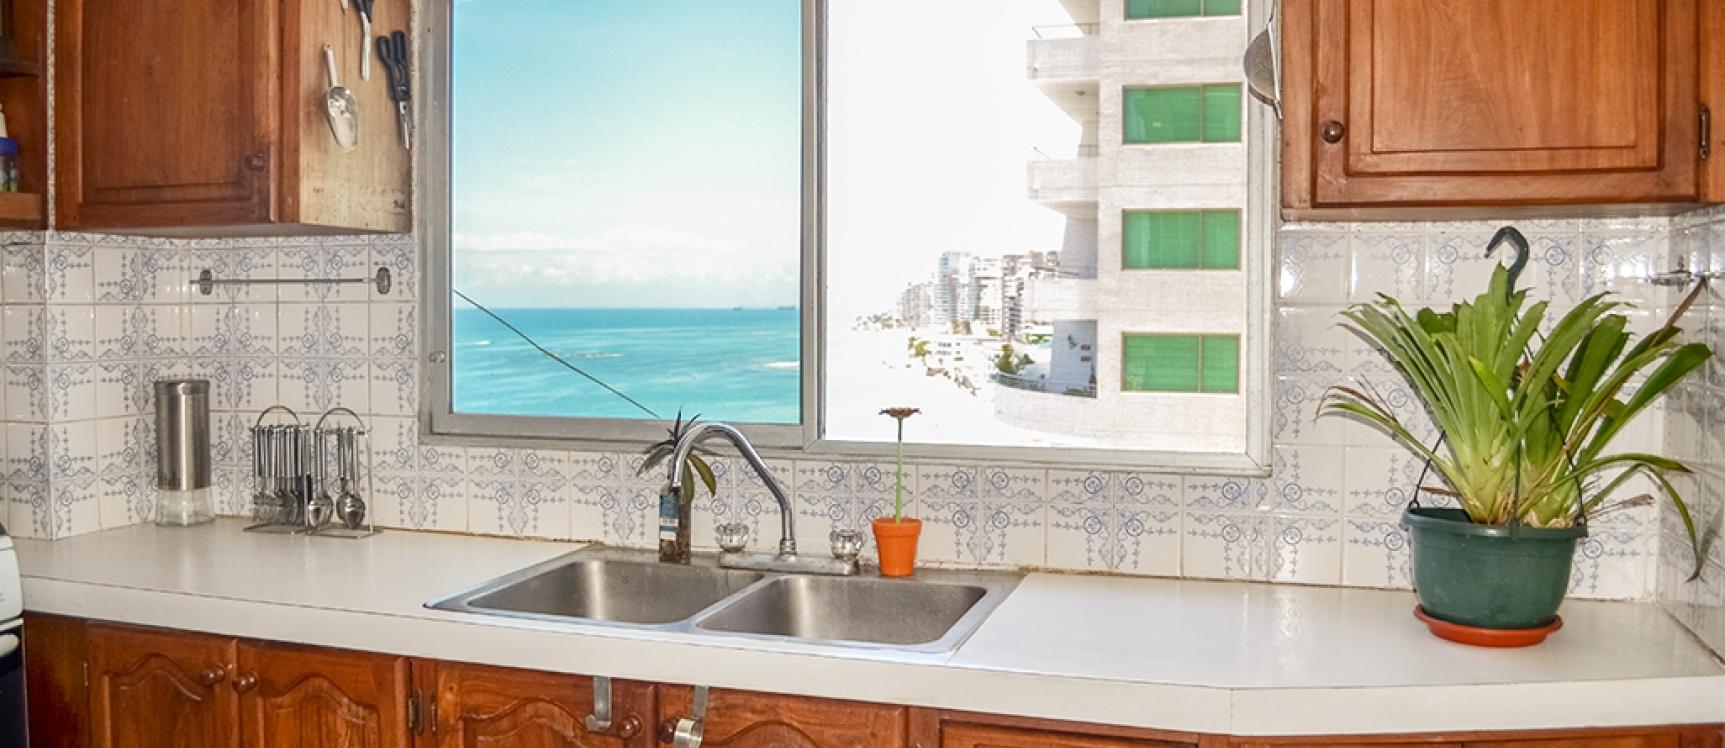 GeoBienes - Departamento en venta Edificio Girasol en Salinas - Plusvalia Guayaquil Casas de venta y alquiler Inmobiliaria Ecuador